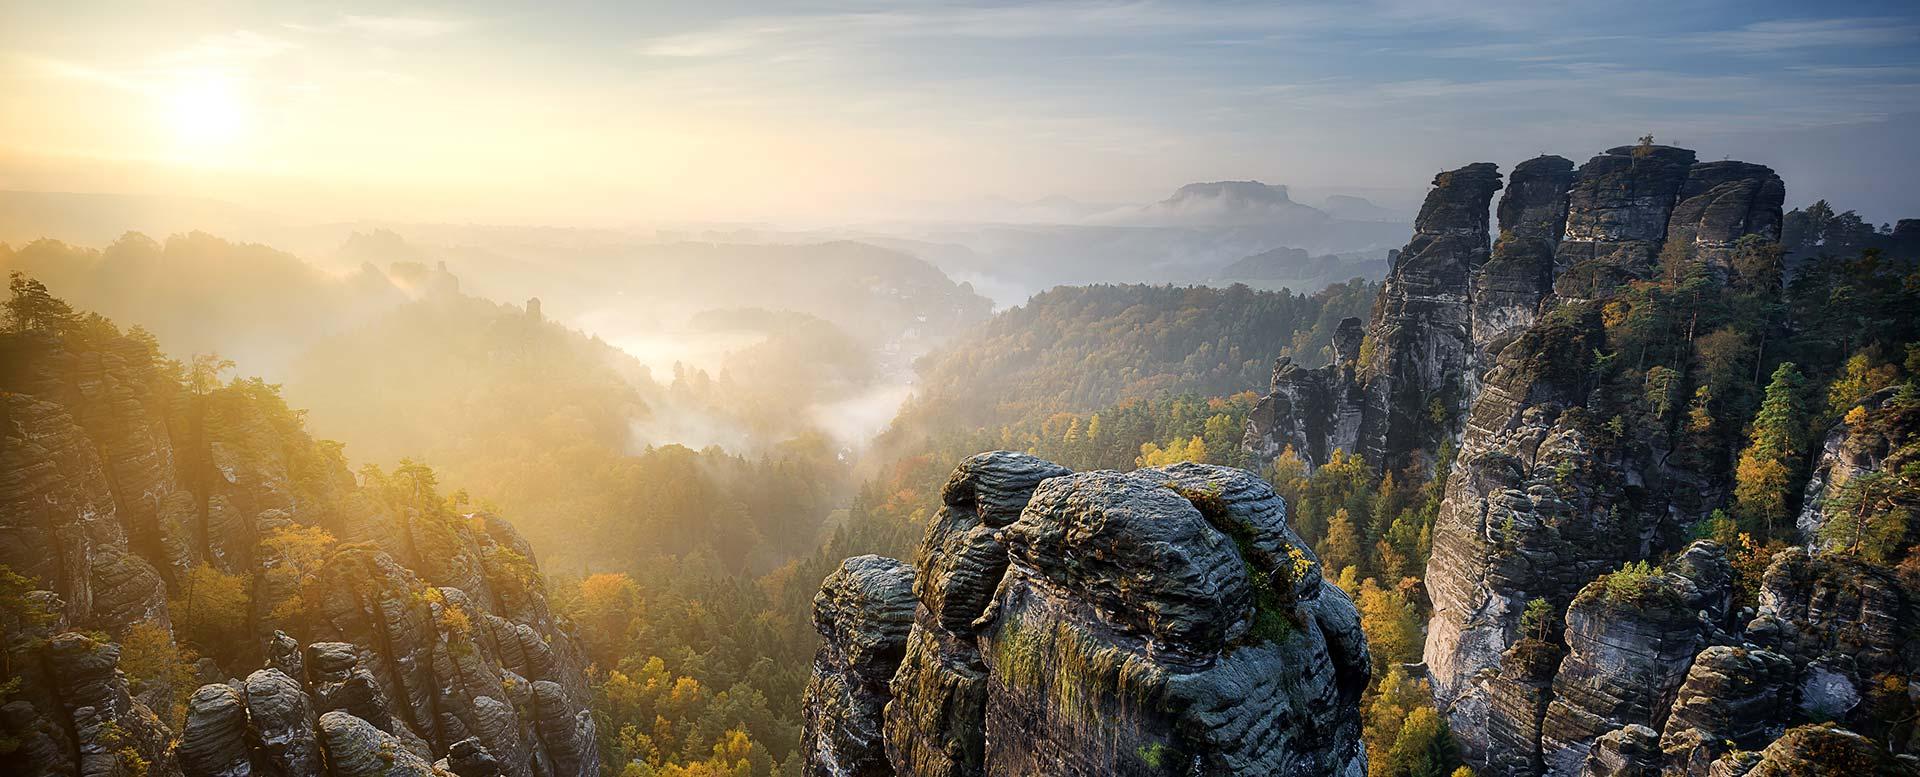 Nationalparks Deutschland - Sächsische Schweiz